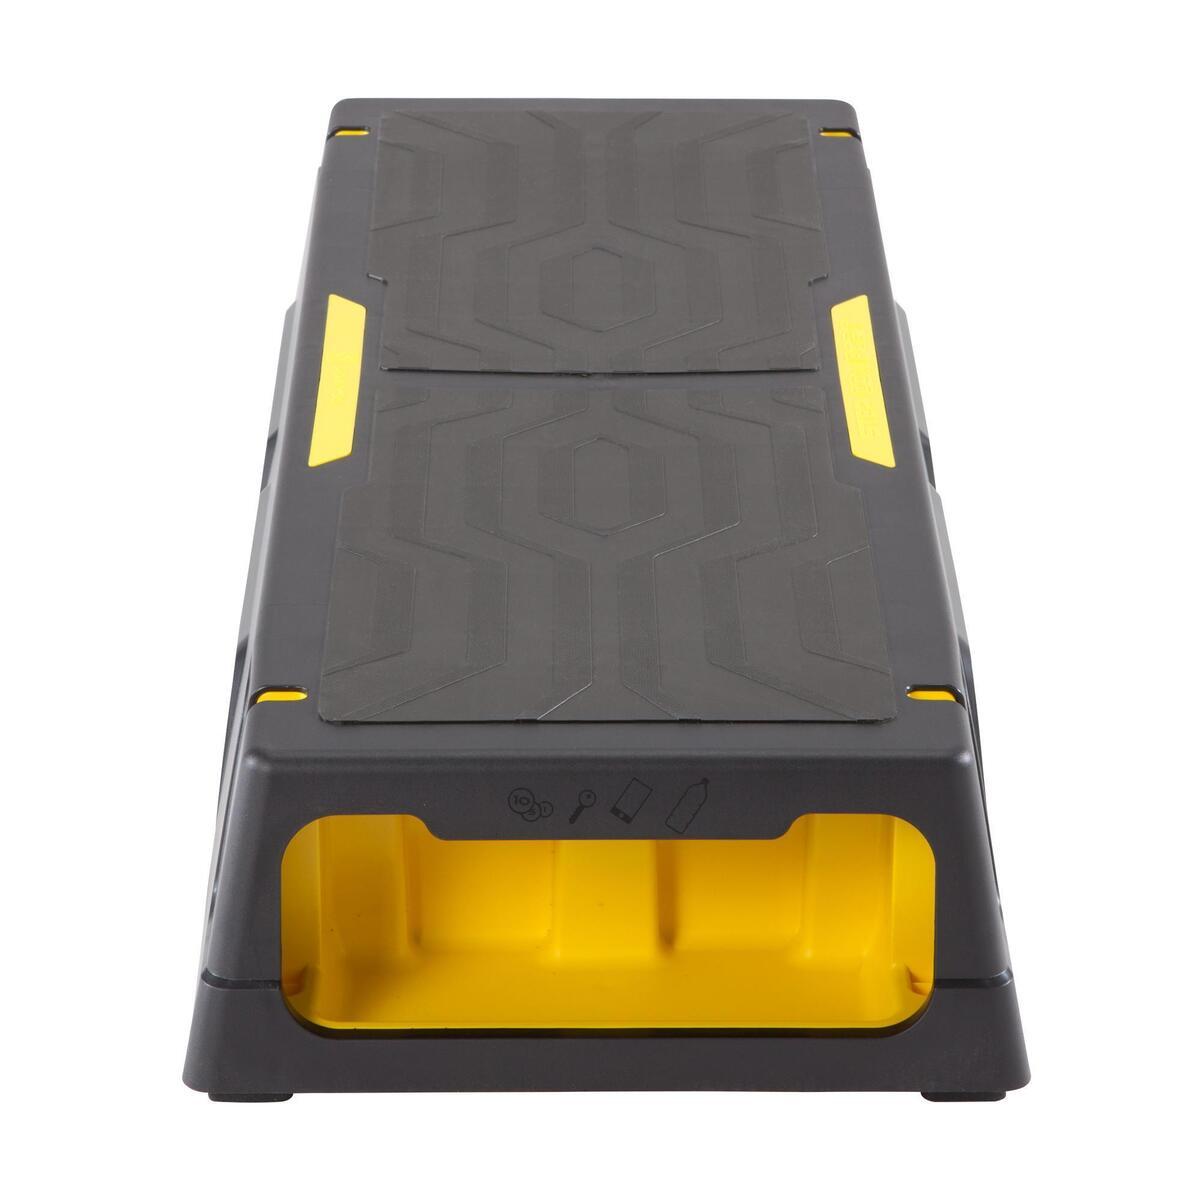 Bild 3 von Stepbank Komfort schwarz/gelb